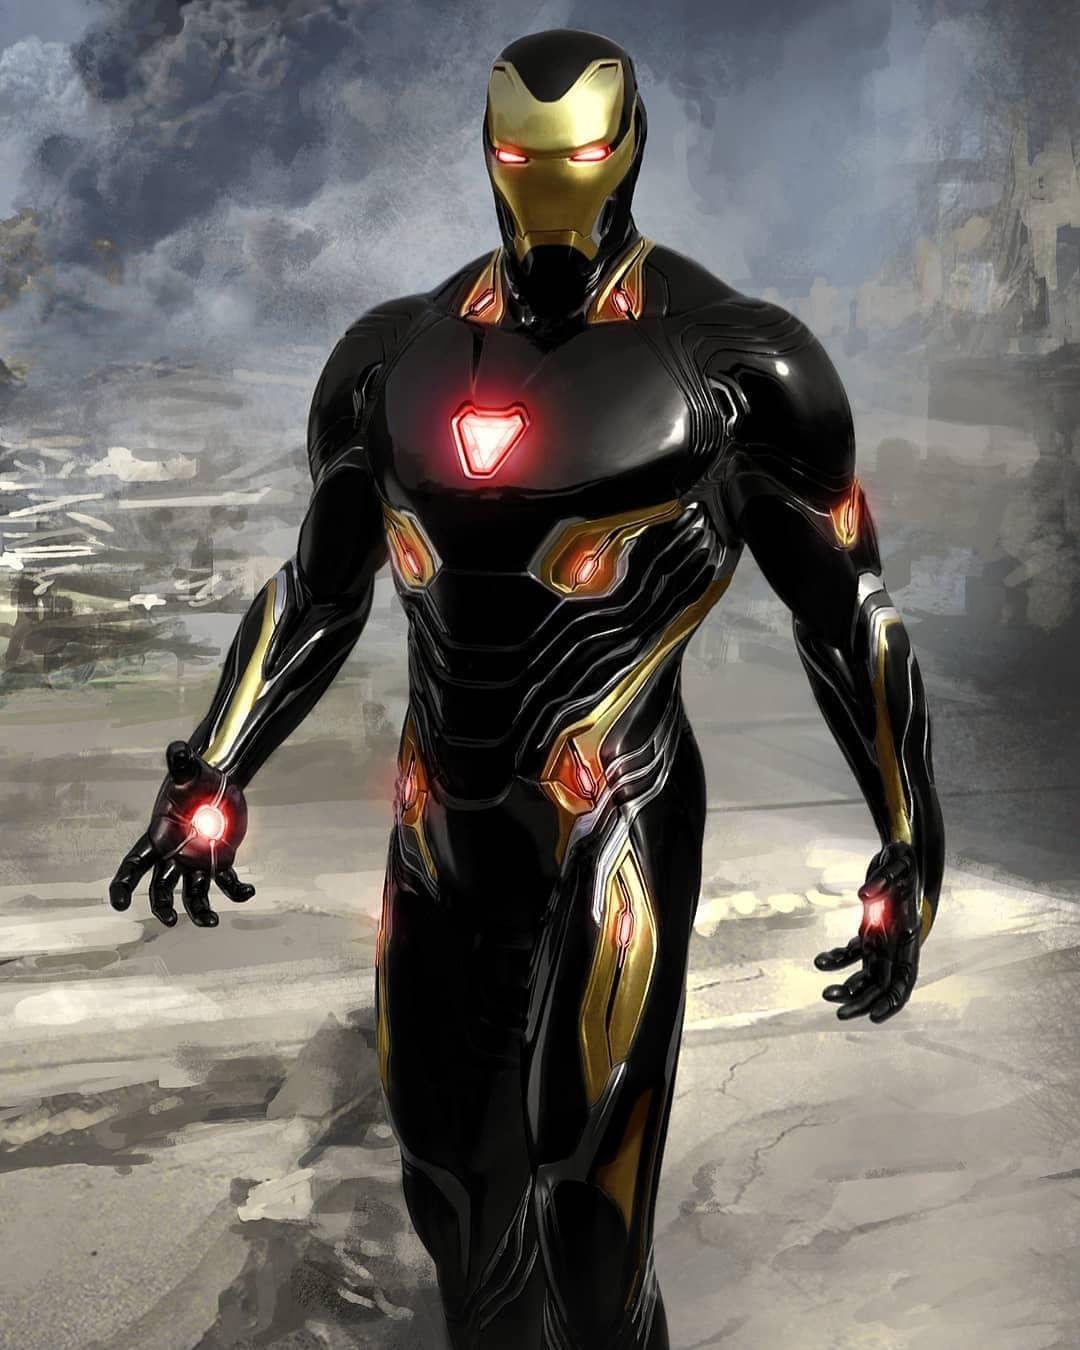 avengers ironman tonystark wallpaper black the mk 85 Marvel 1080x1350